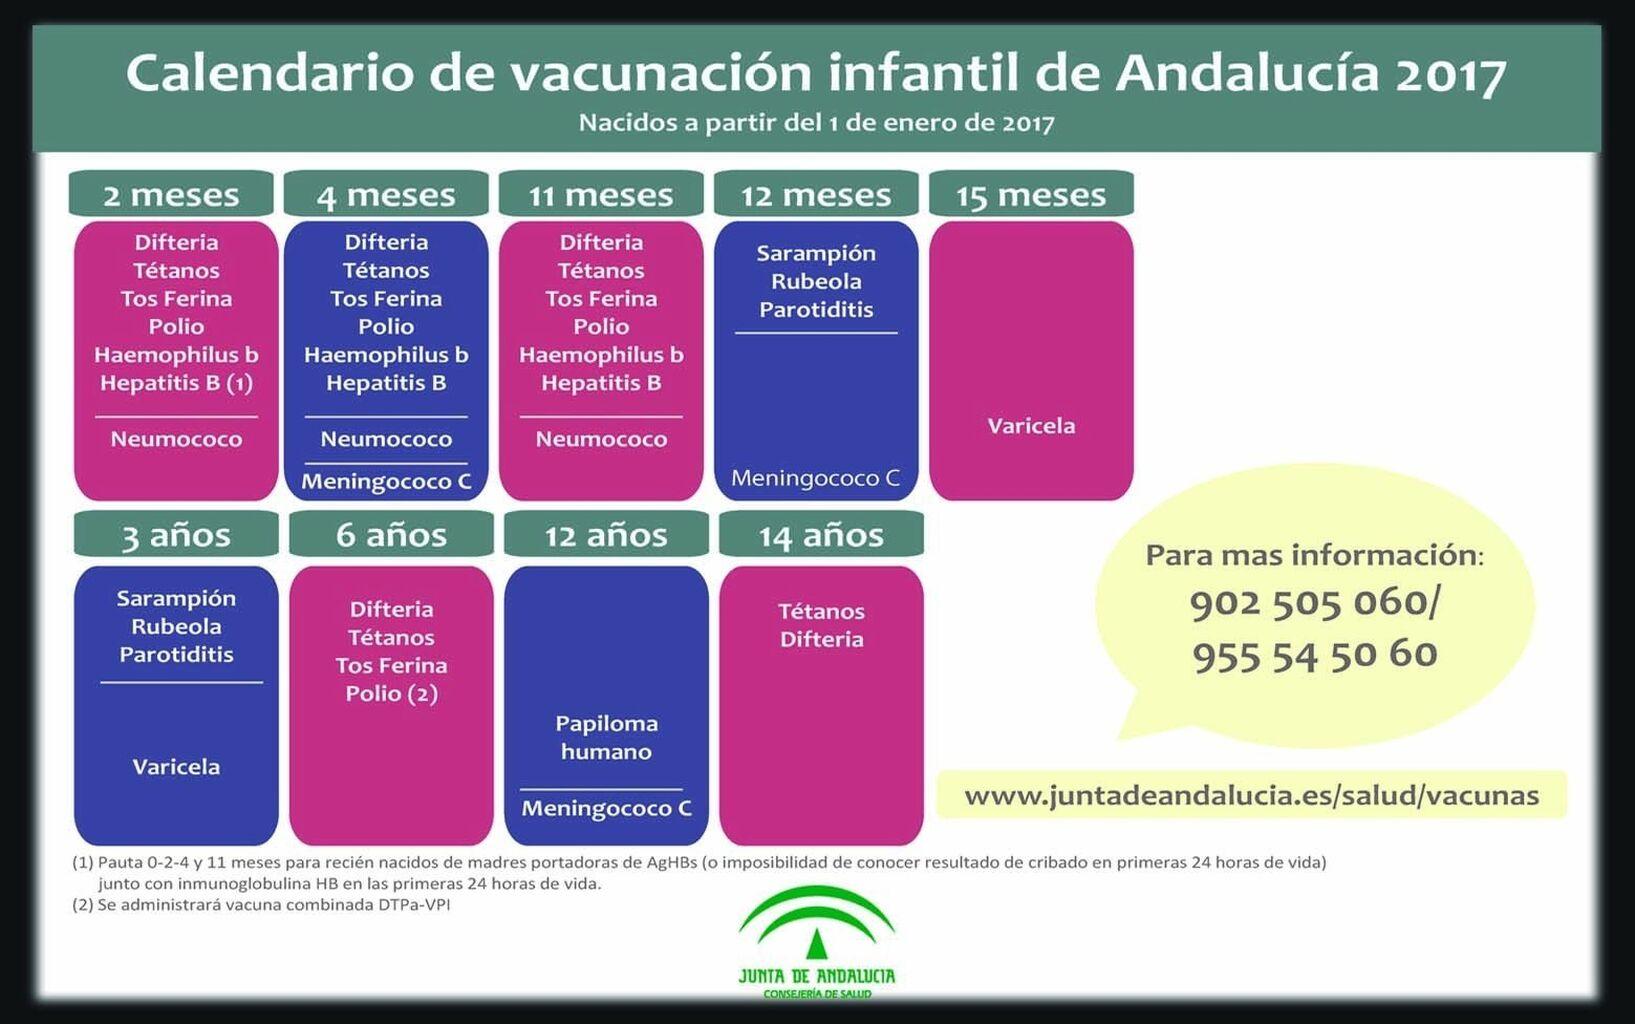 Calendario Vacunal Andalucia.Satisfaccion Al Incluir El Neumococoen El Nuevo Calendario De Vacunas